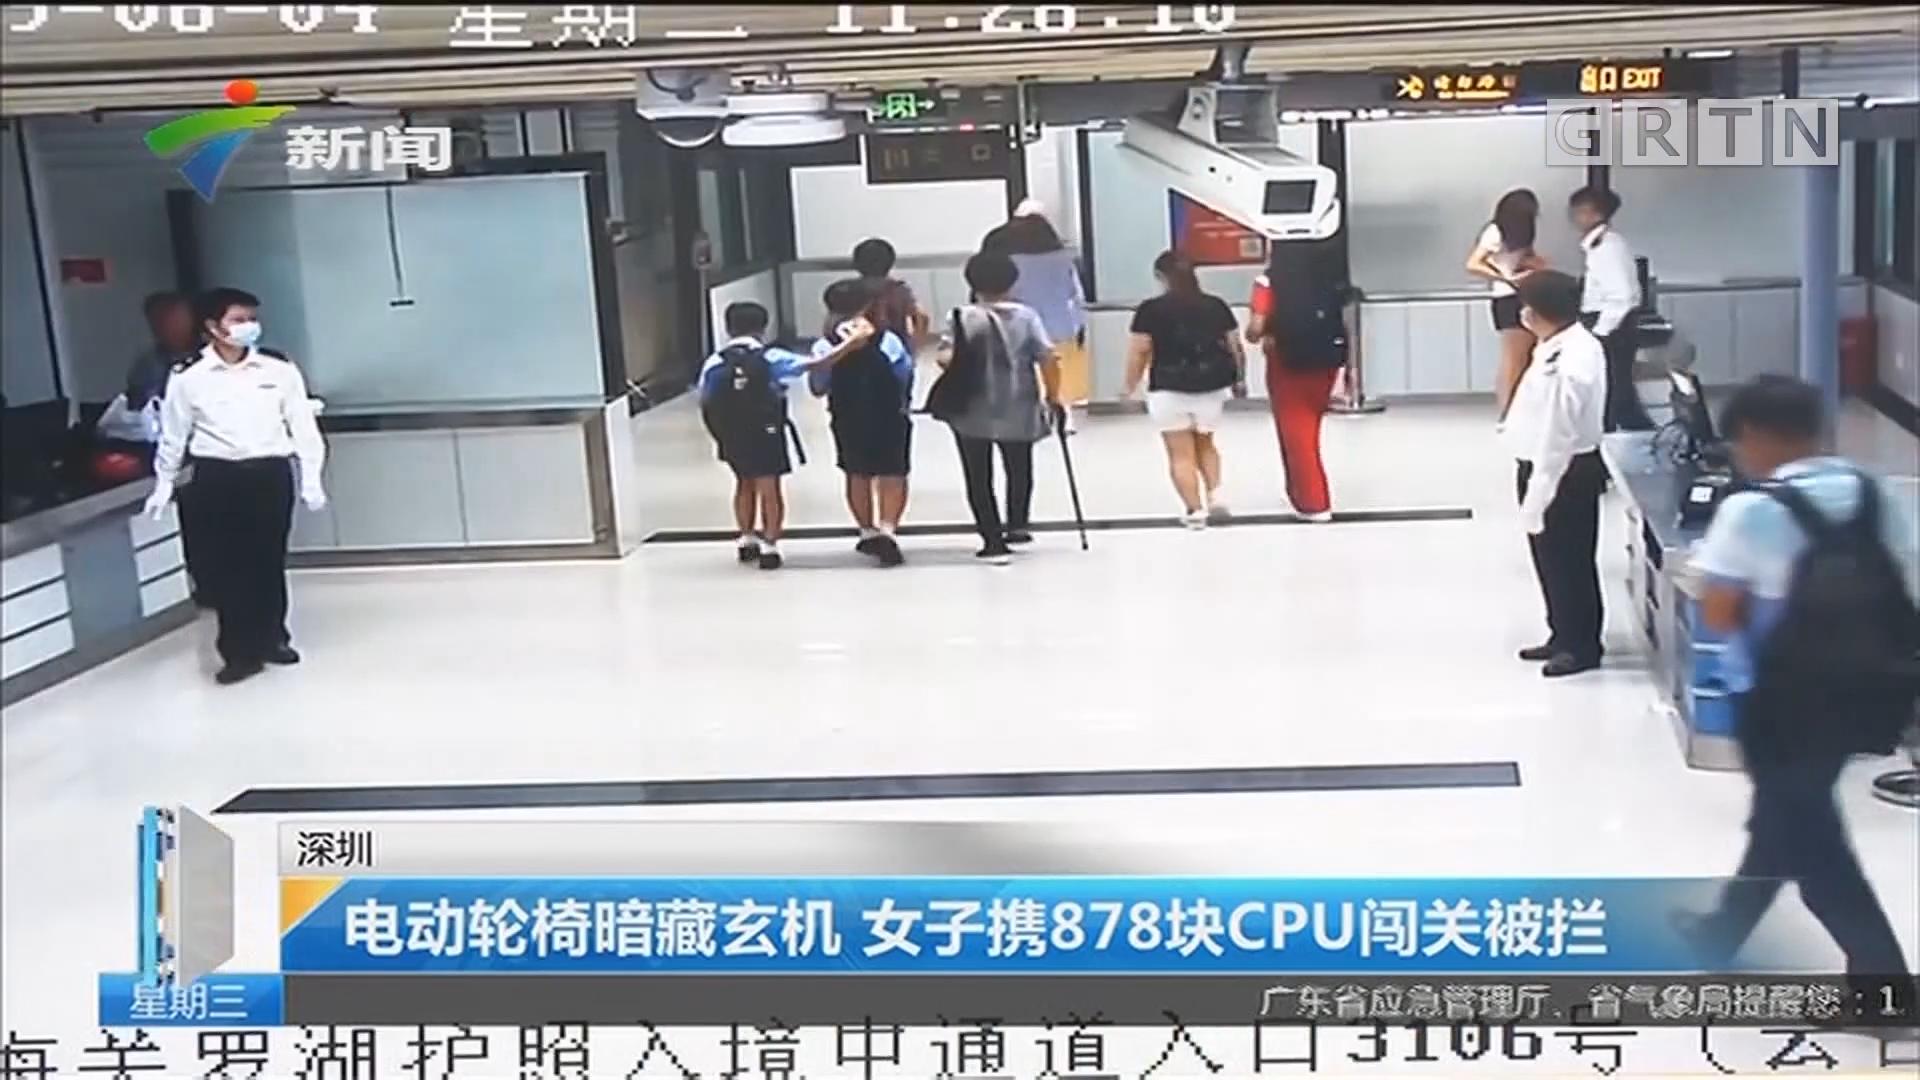 深圳:电动轮椅暗藏玄机 女子携878块CPU闯关被拦